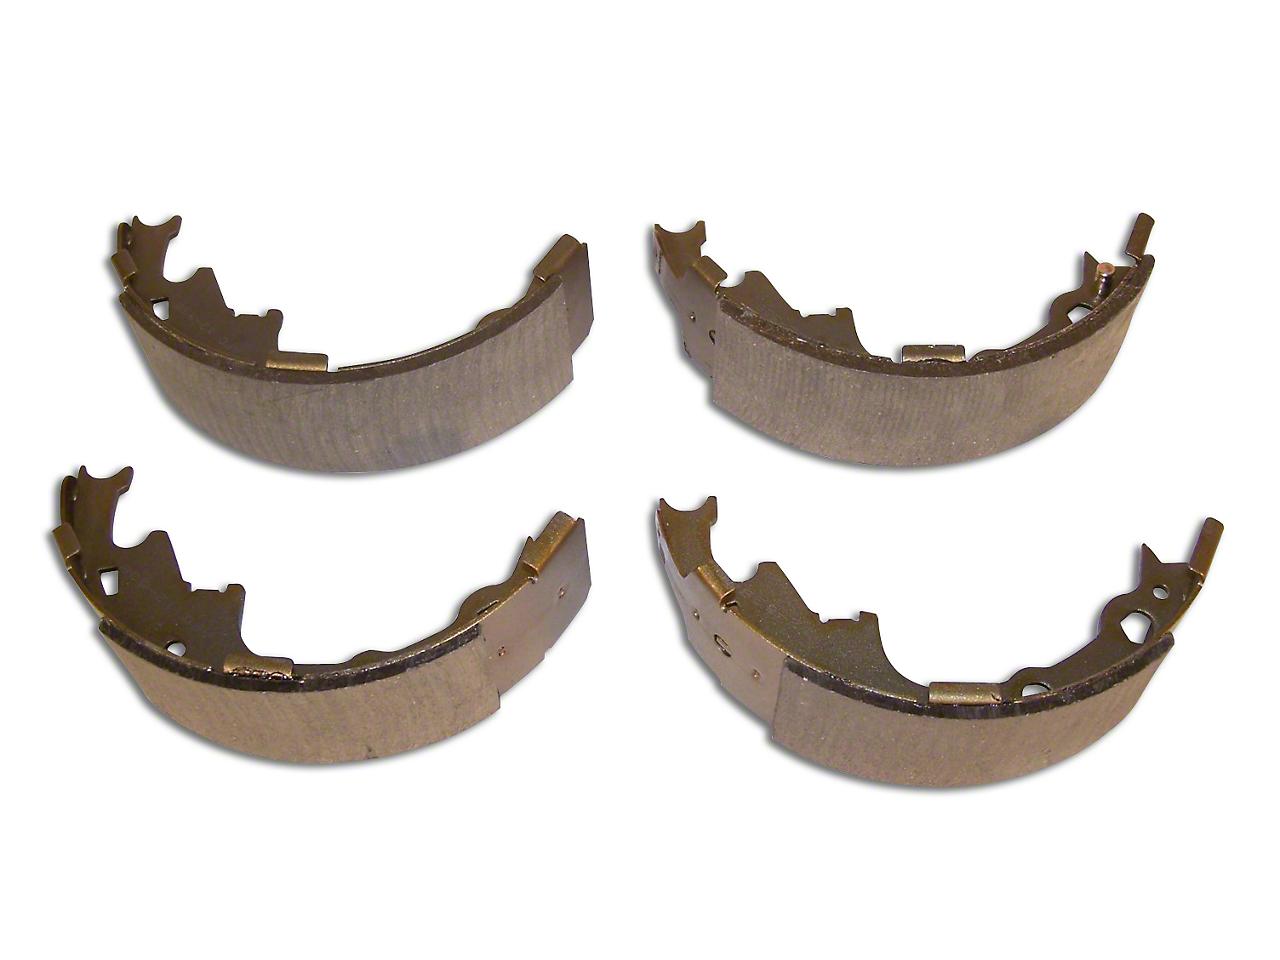 Crown Automotive Brake Shoe & Lining Set - 9 in. x 2-1/2 in. (90-06 Jeep Wrangler YJ & TJ)